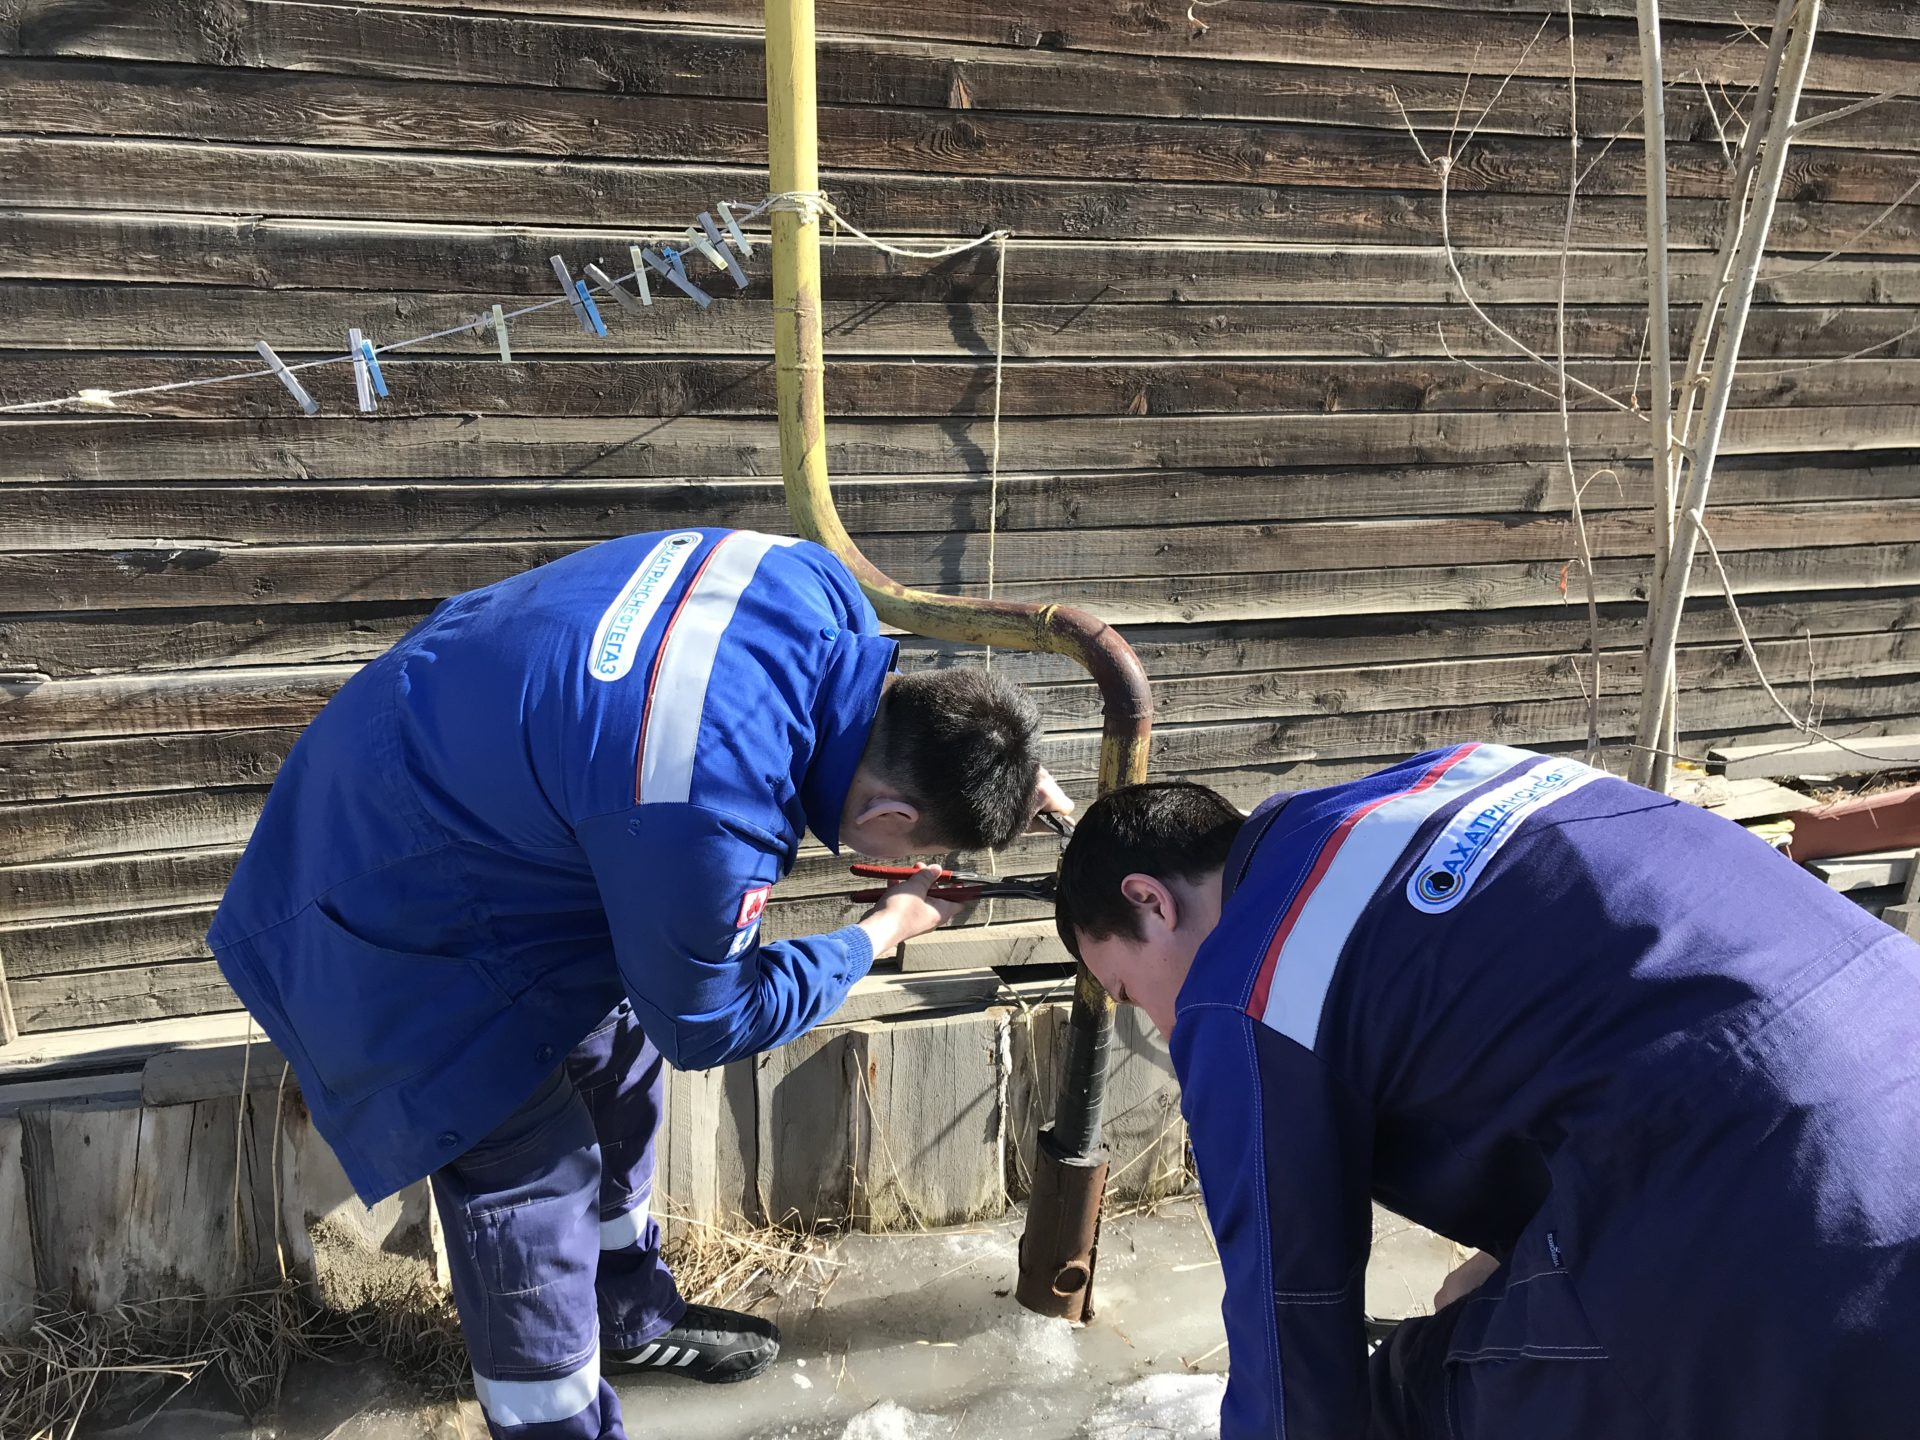 В Якутске были ограничены в подаче газа 4 аварийных дома